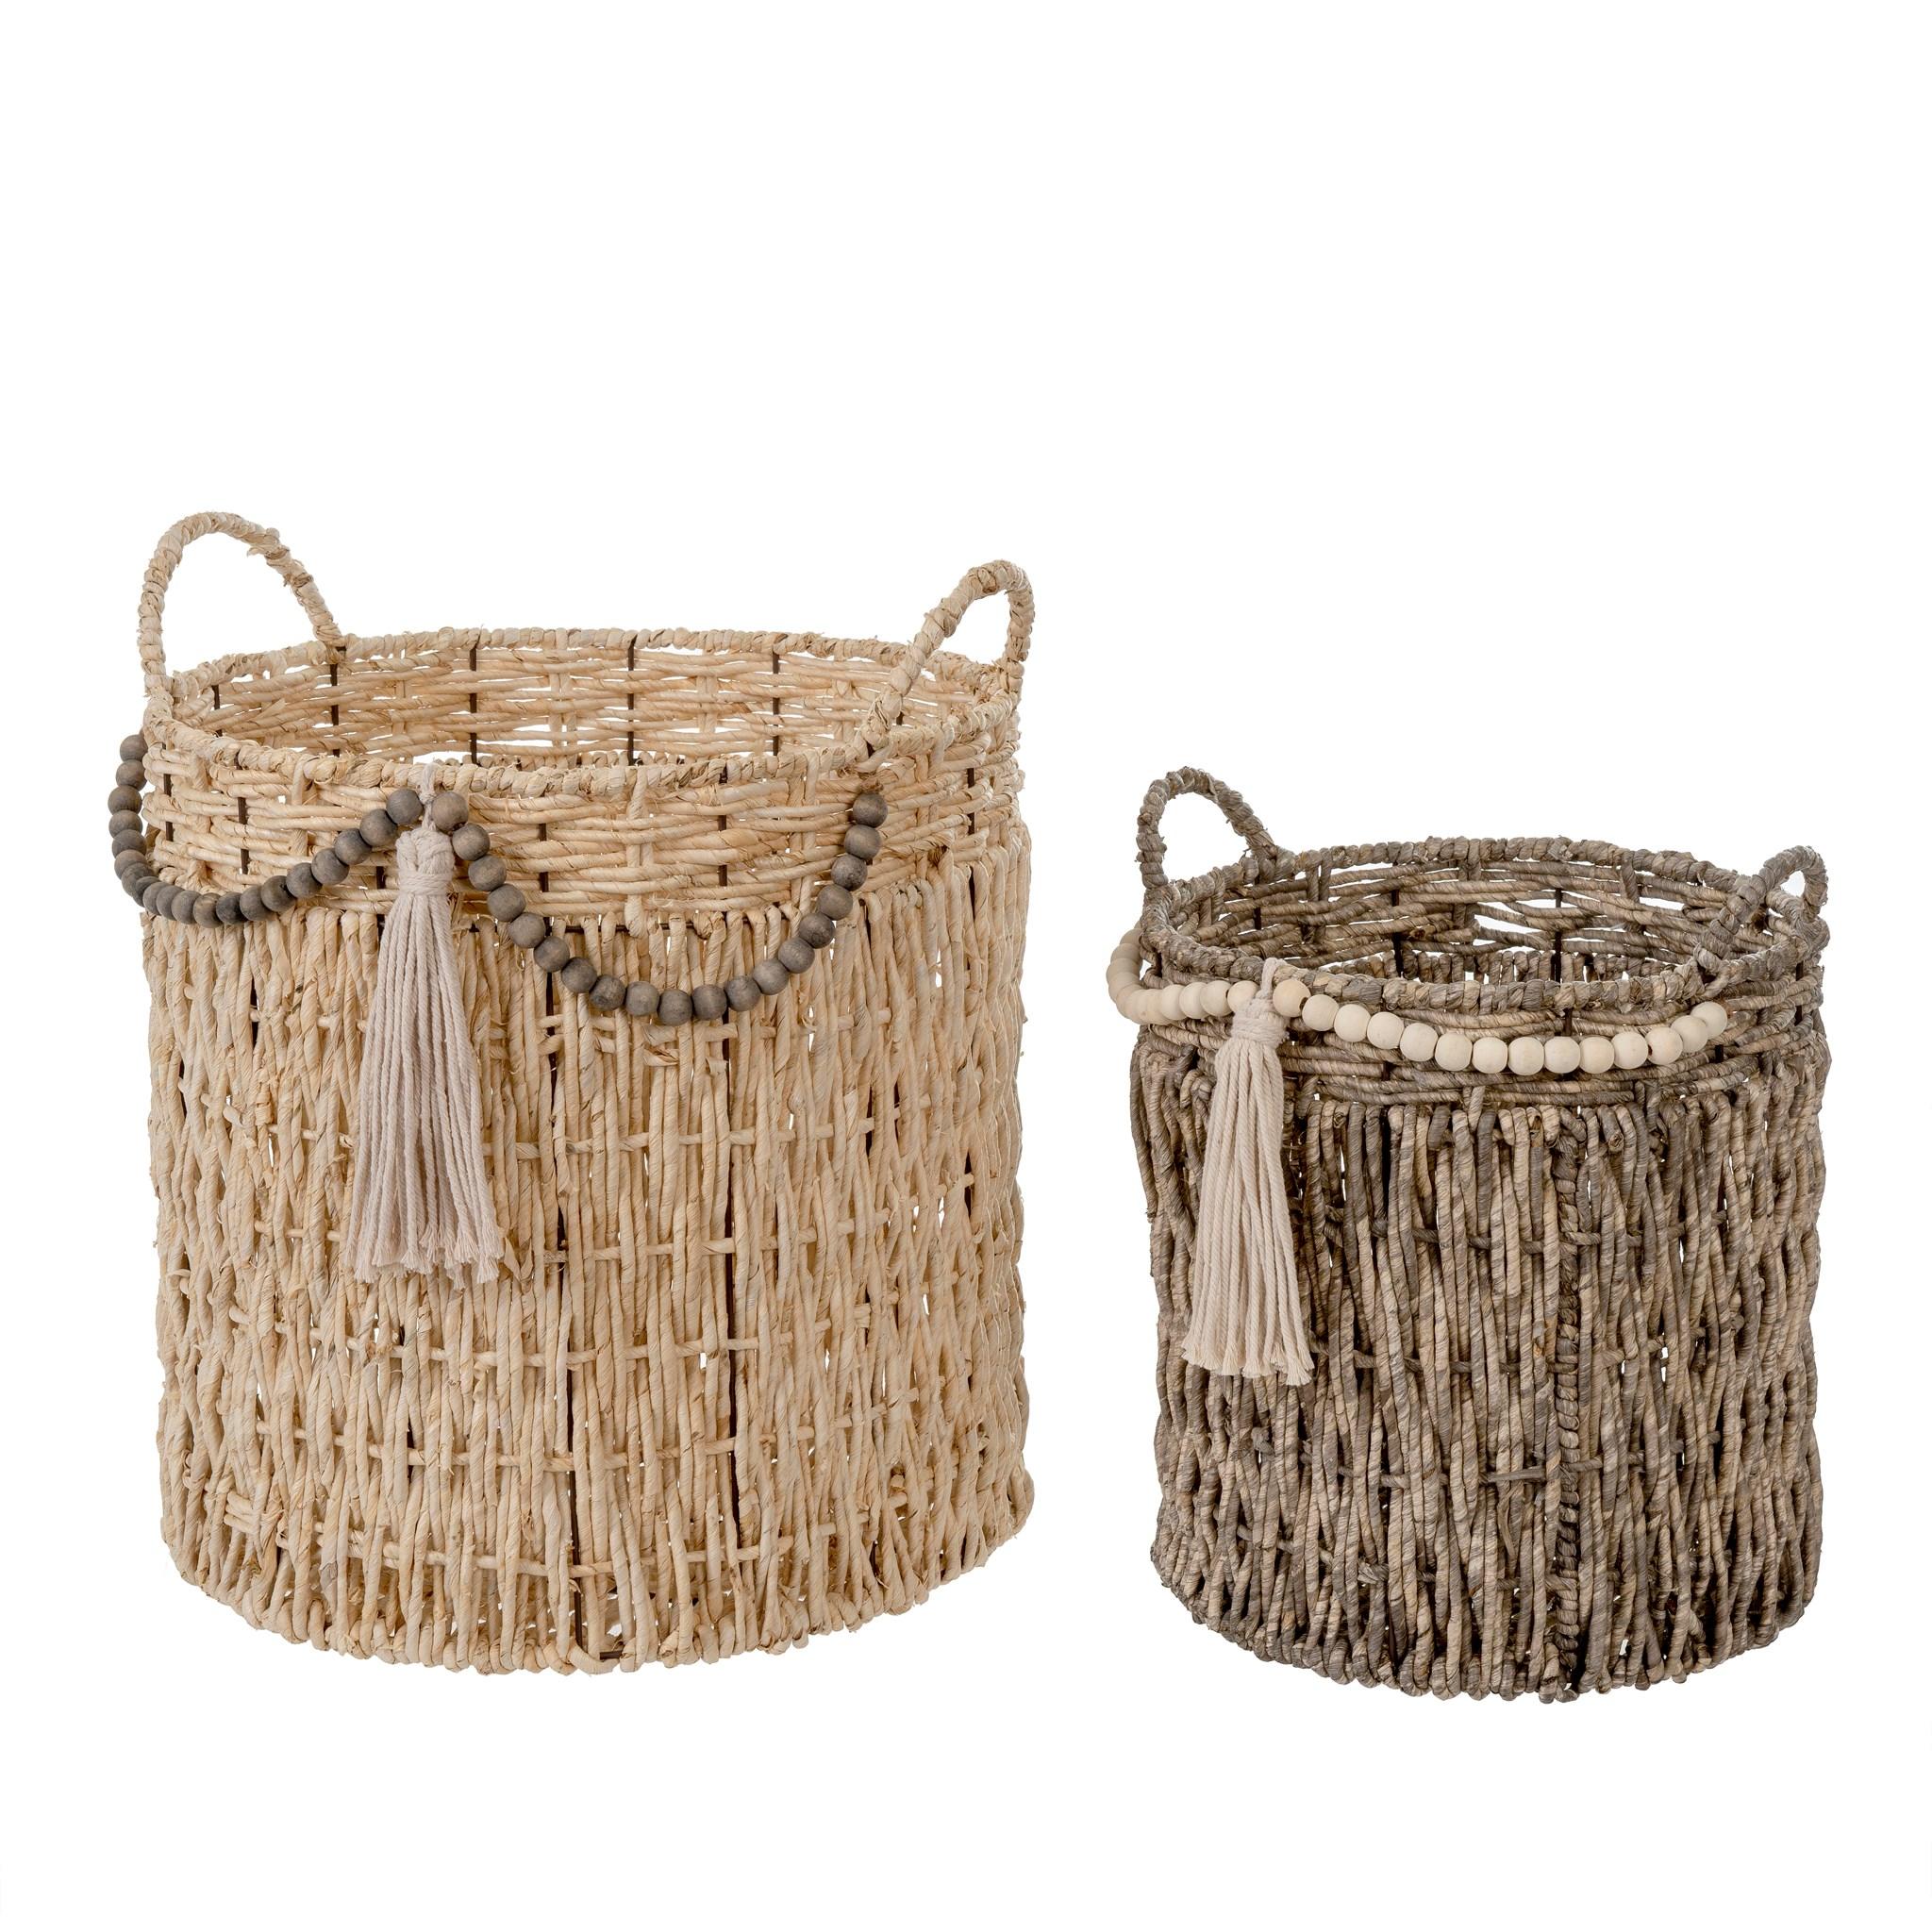 Bohemia Basket, Large Size